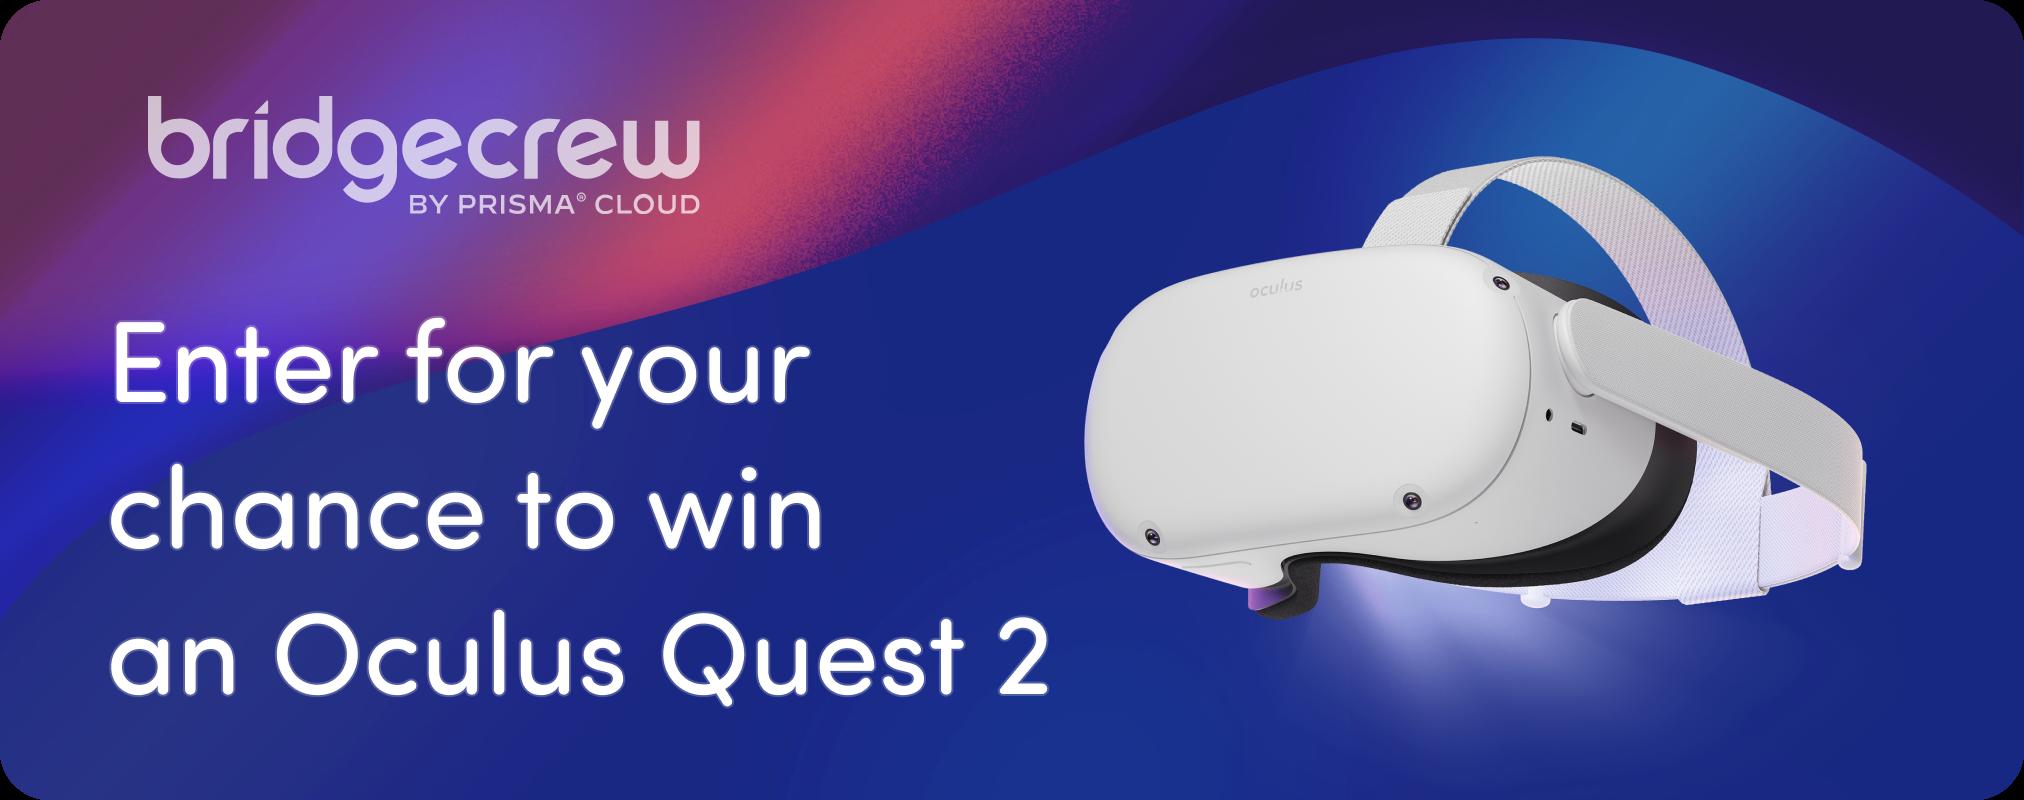 Bridgecrew at Deserted Island DevOps 2021 Oculus Quest 2 Raffle